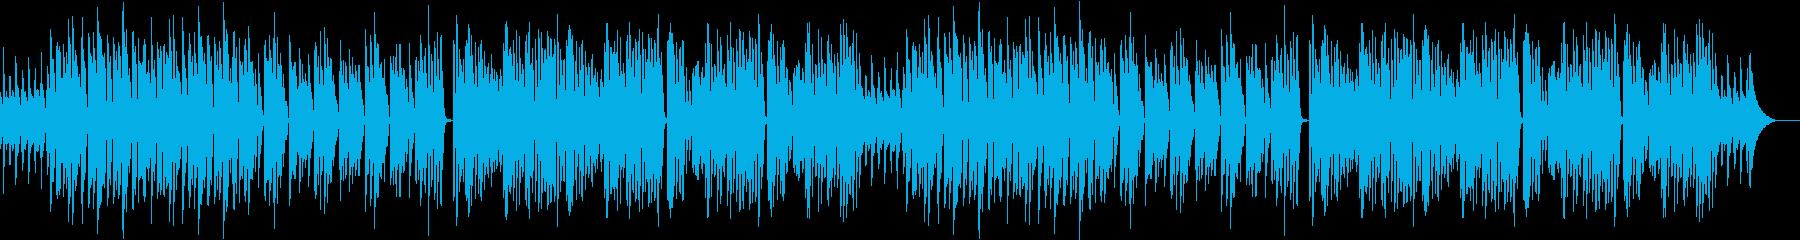 【ピアノソロ】陽気でかわいいポップな曲の再生済みの波形